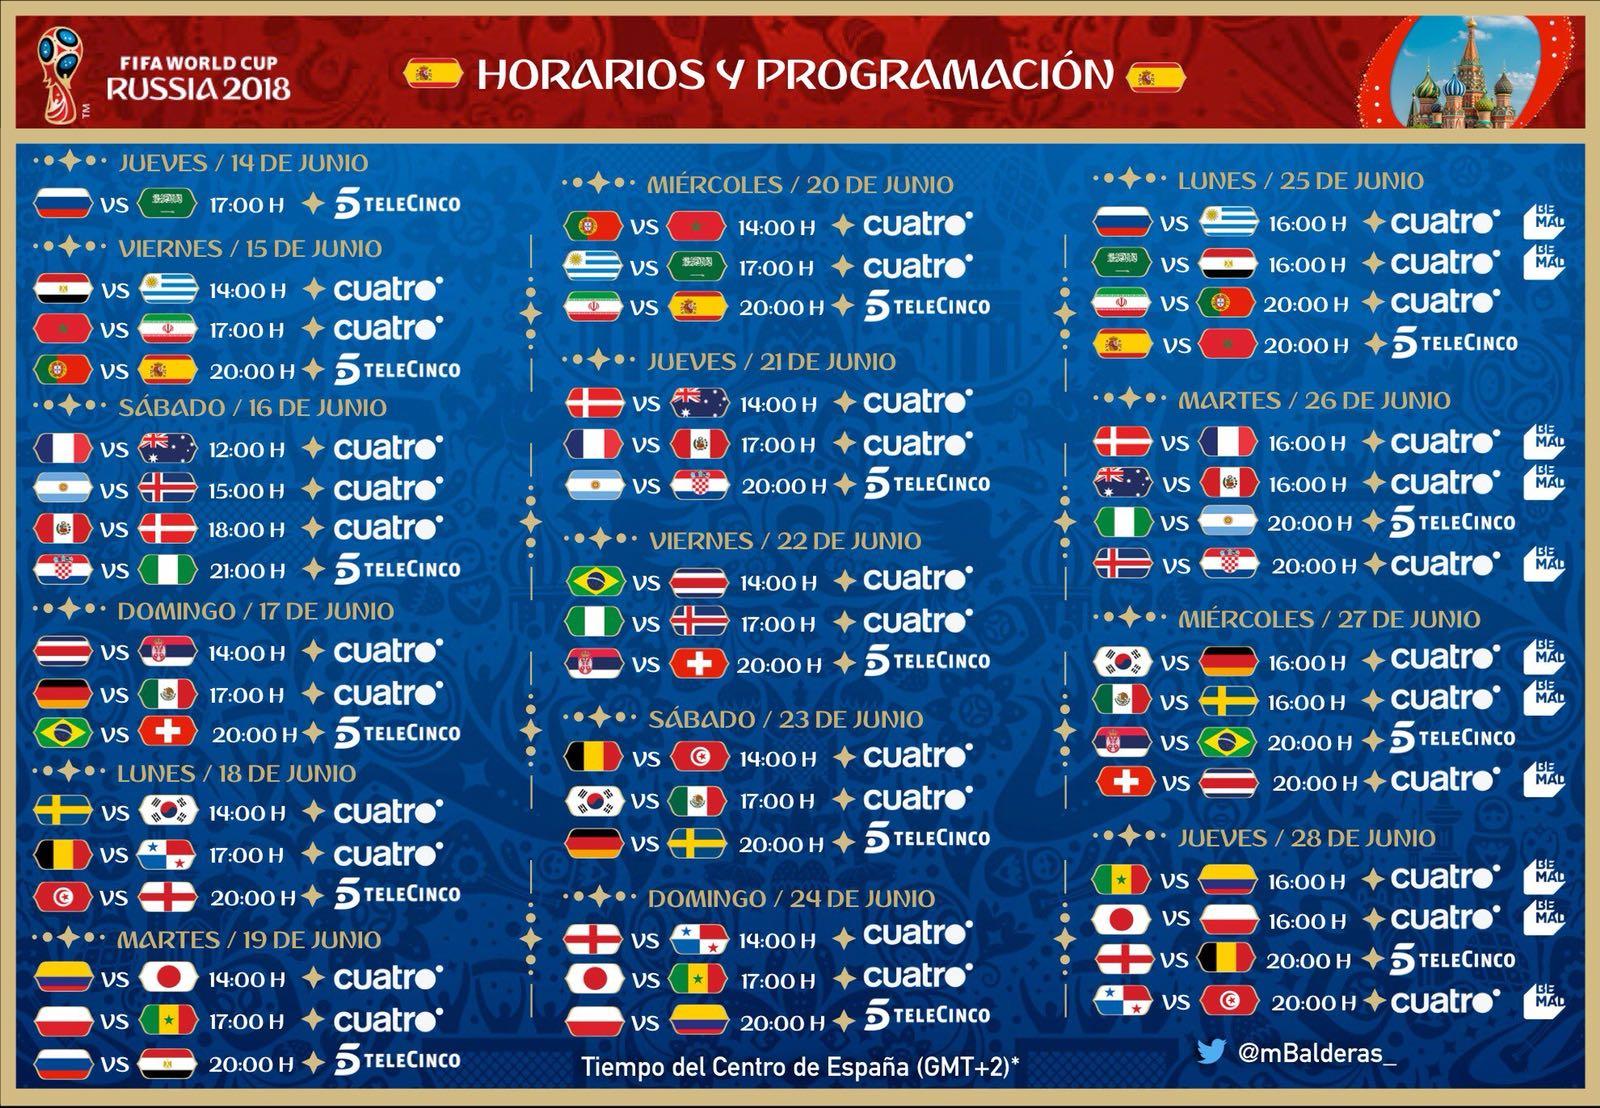 Horarios y fechas de cada partido de fútbol del Mundial 2018 y sus emisiones en España